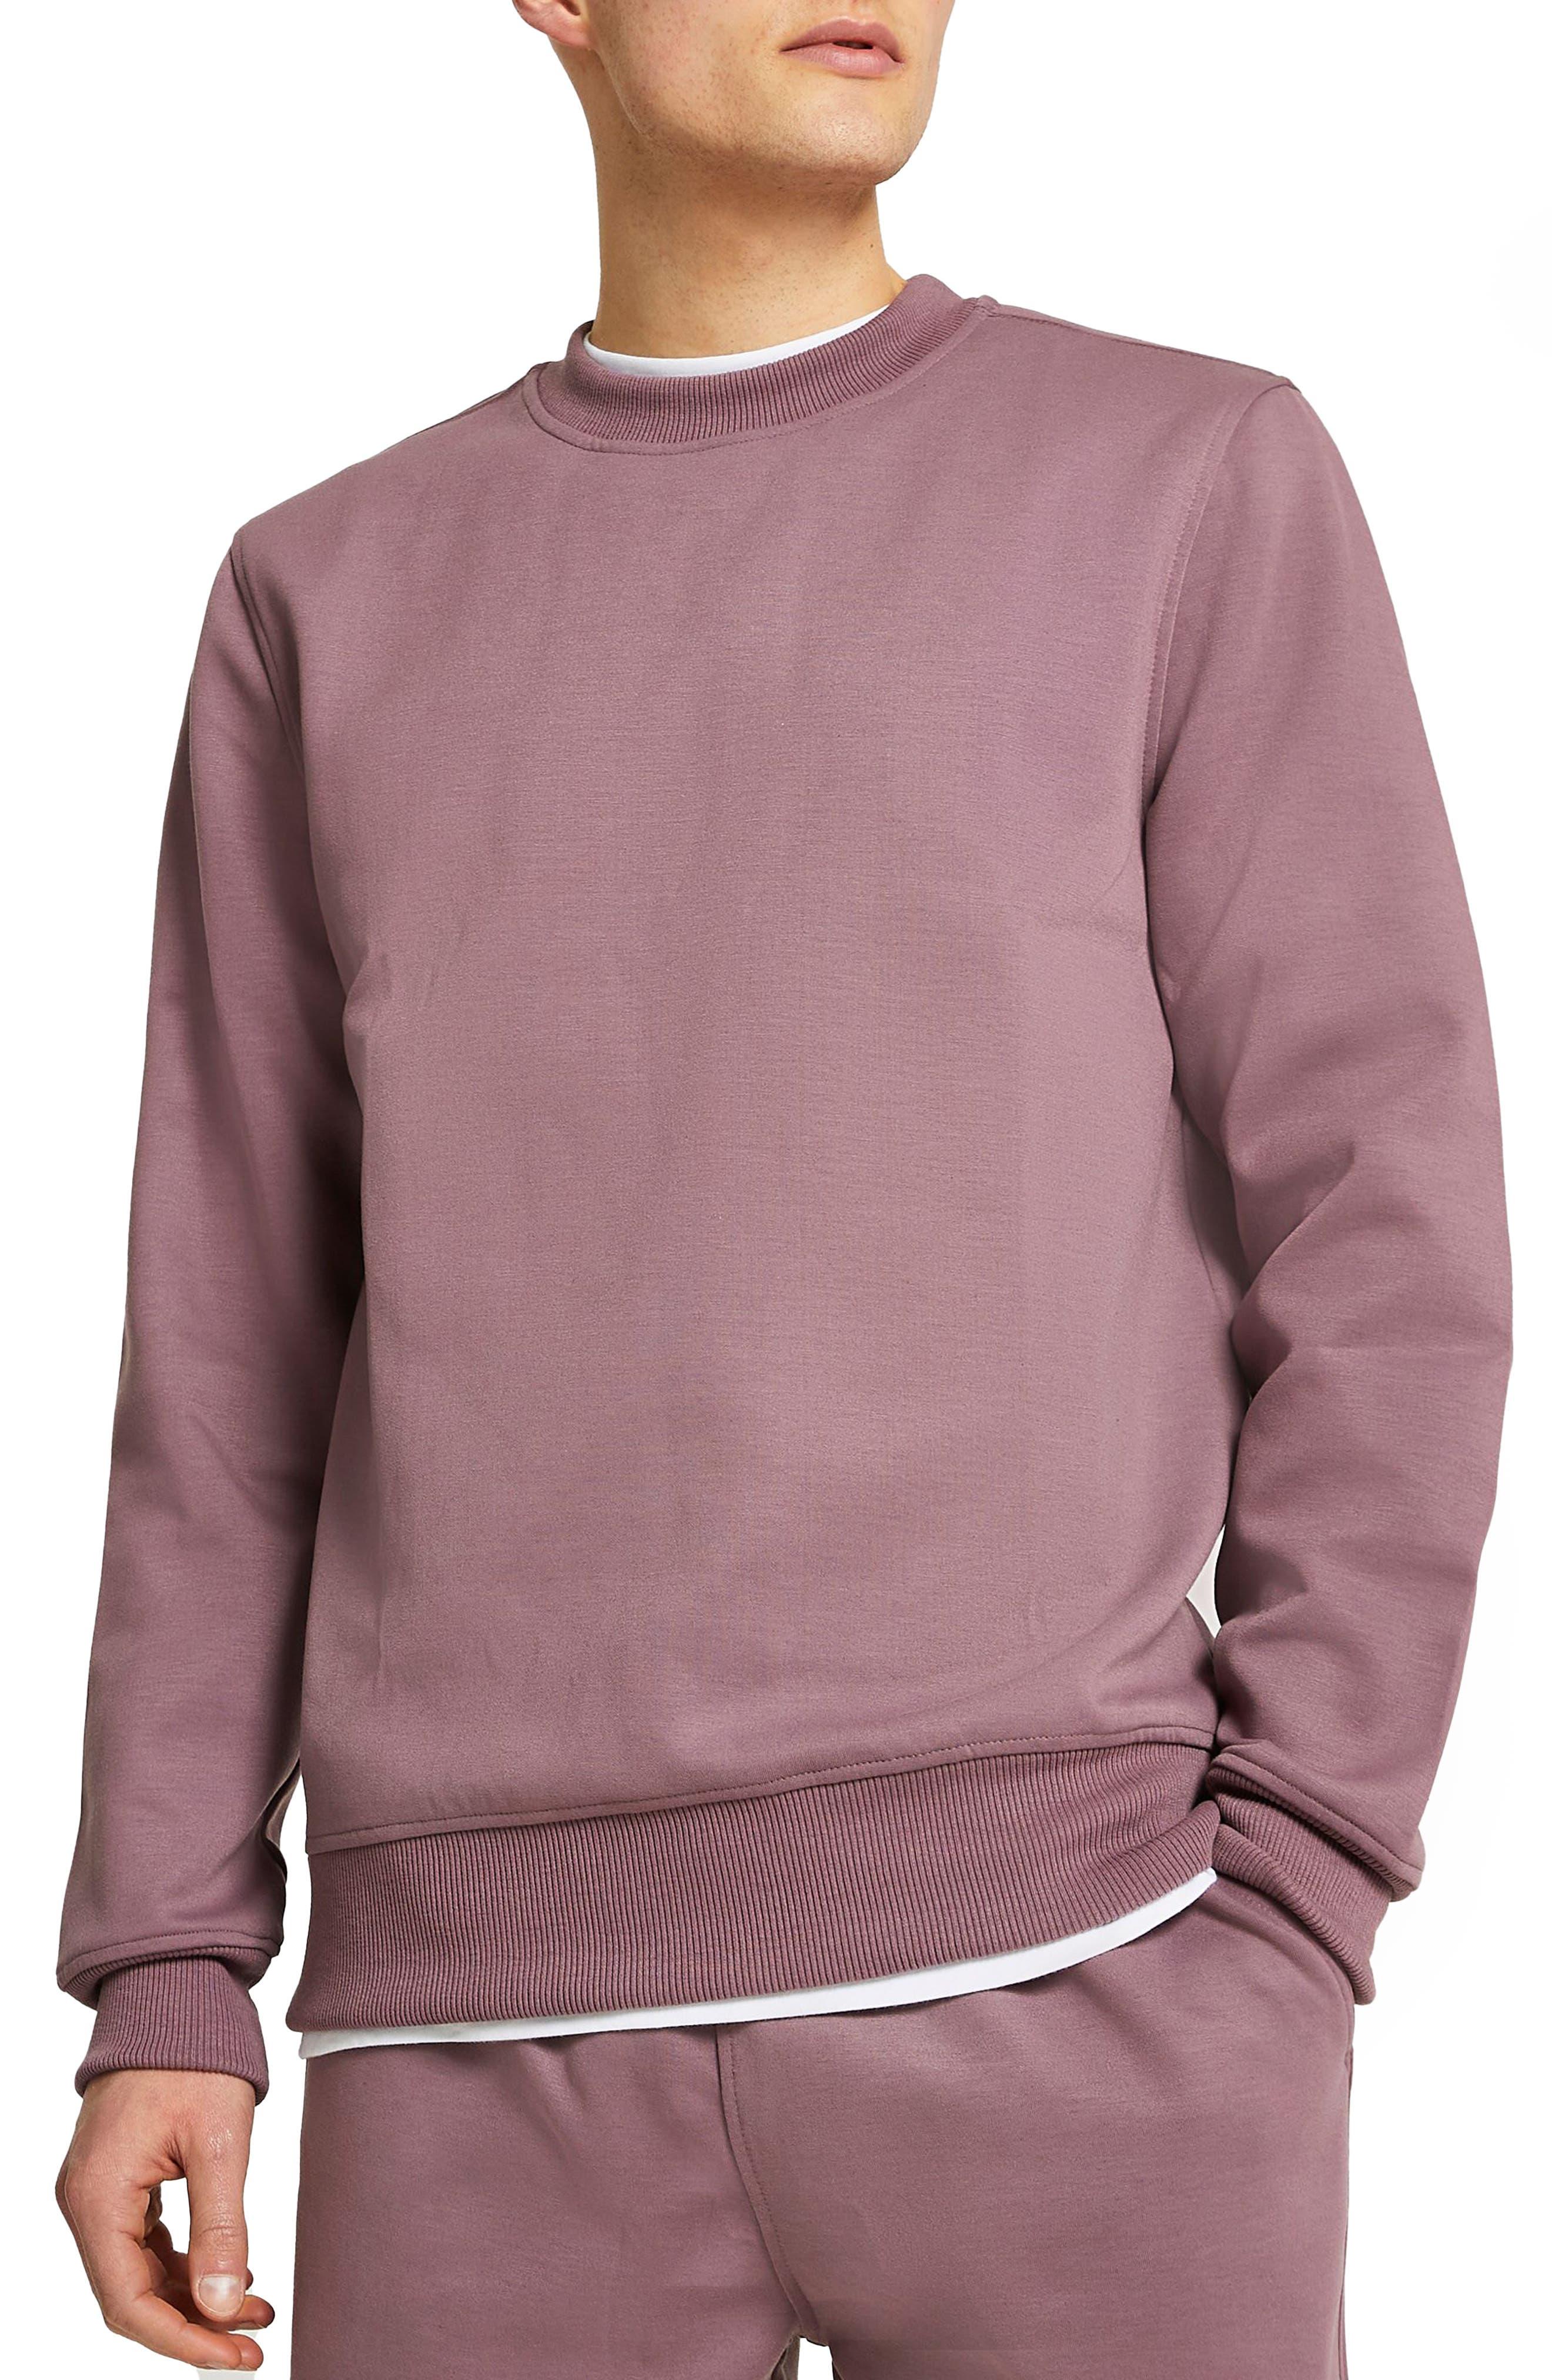 Men's River Island Premium Essentials Crewneck Pullover